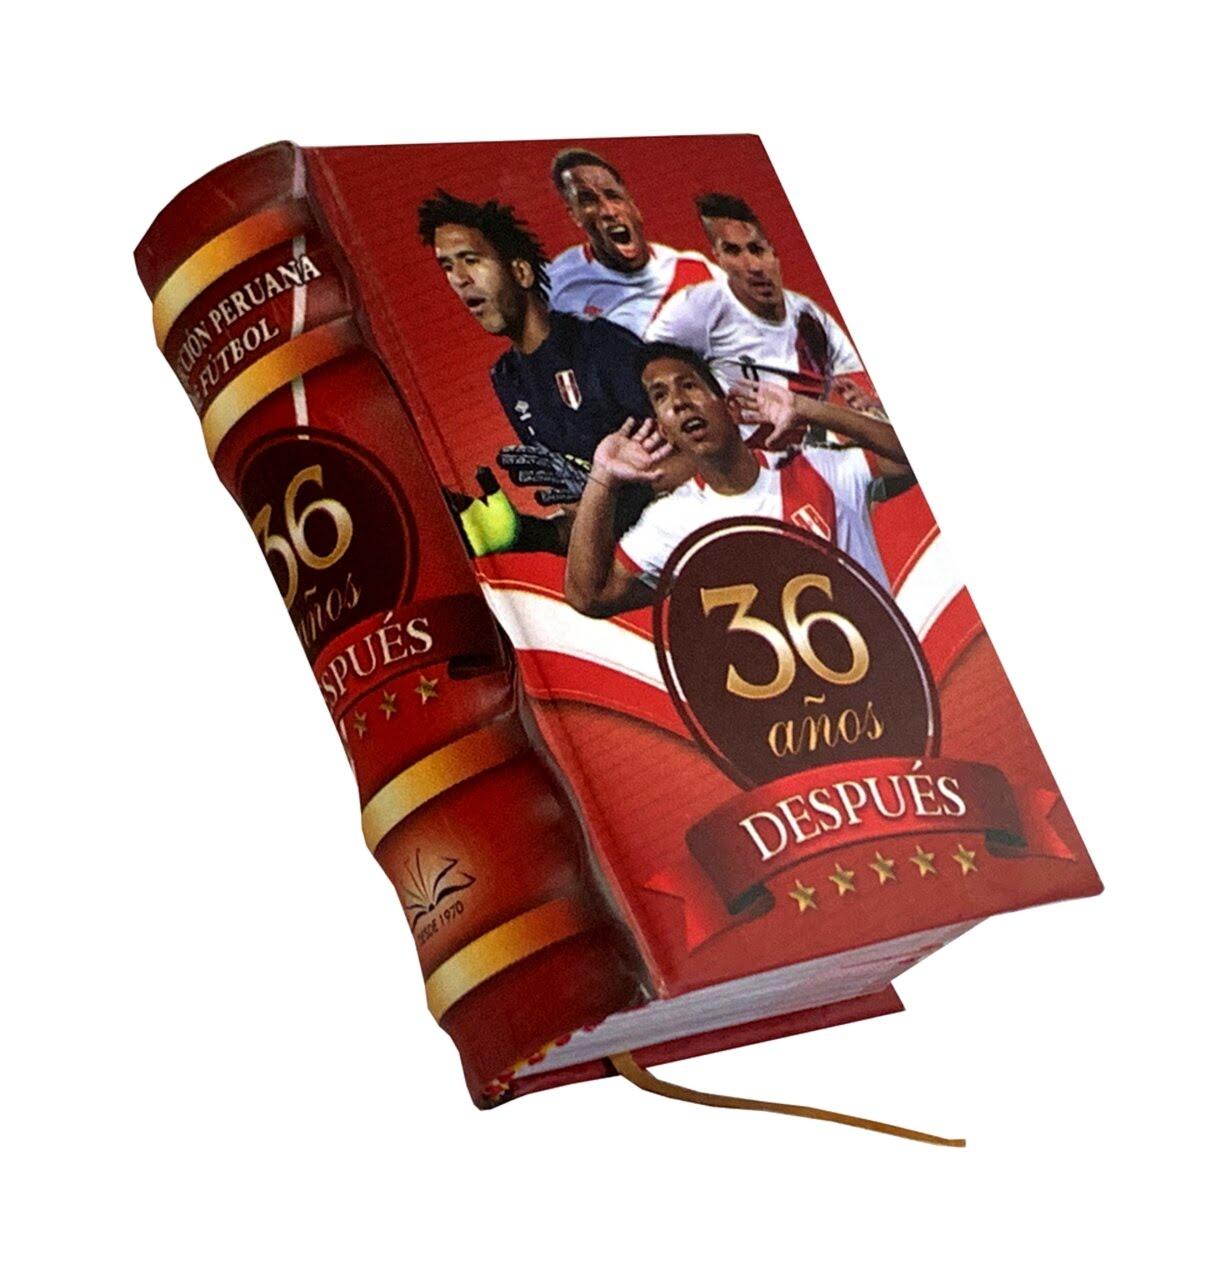 36-anos-despues-miniature-book-libro